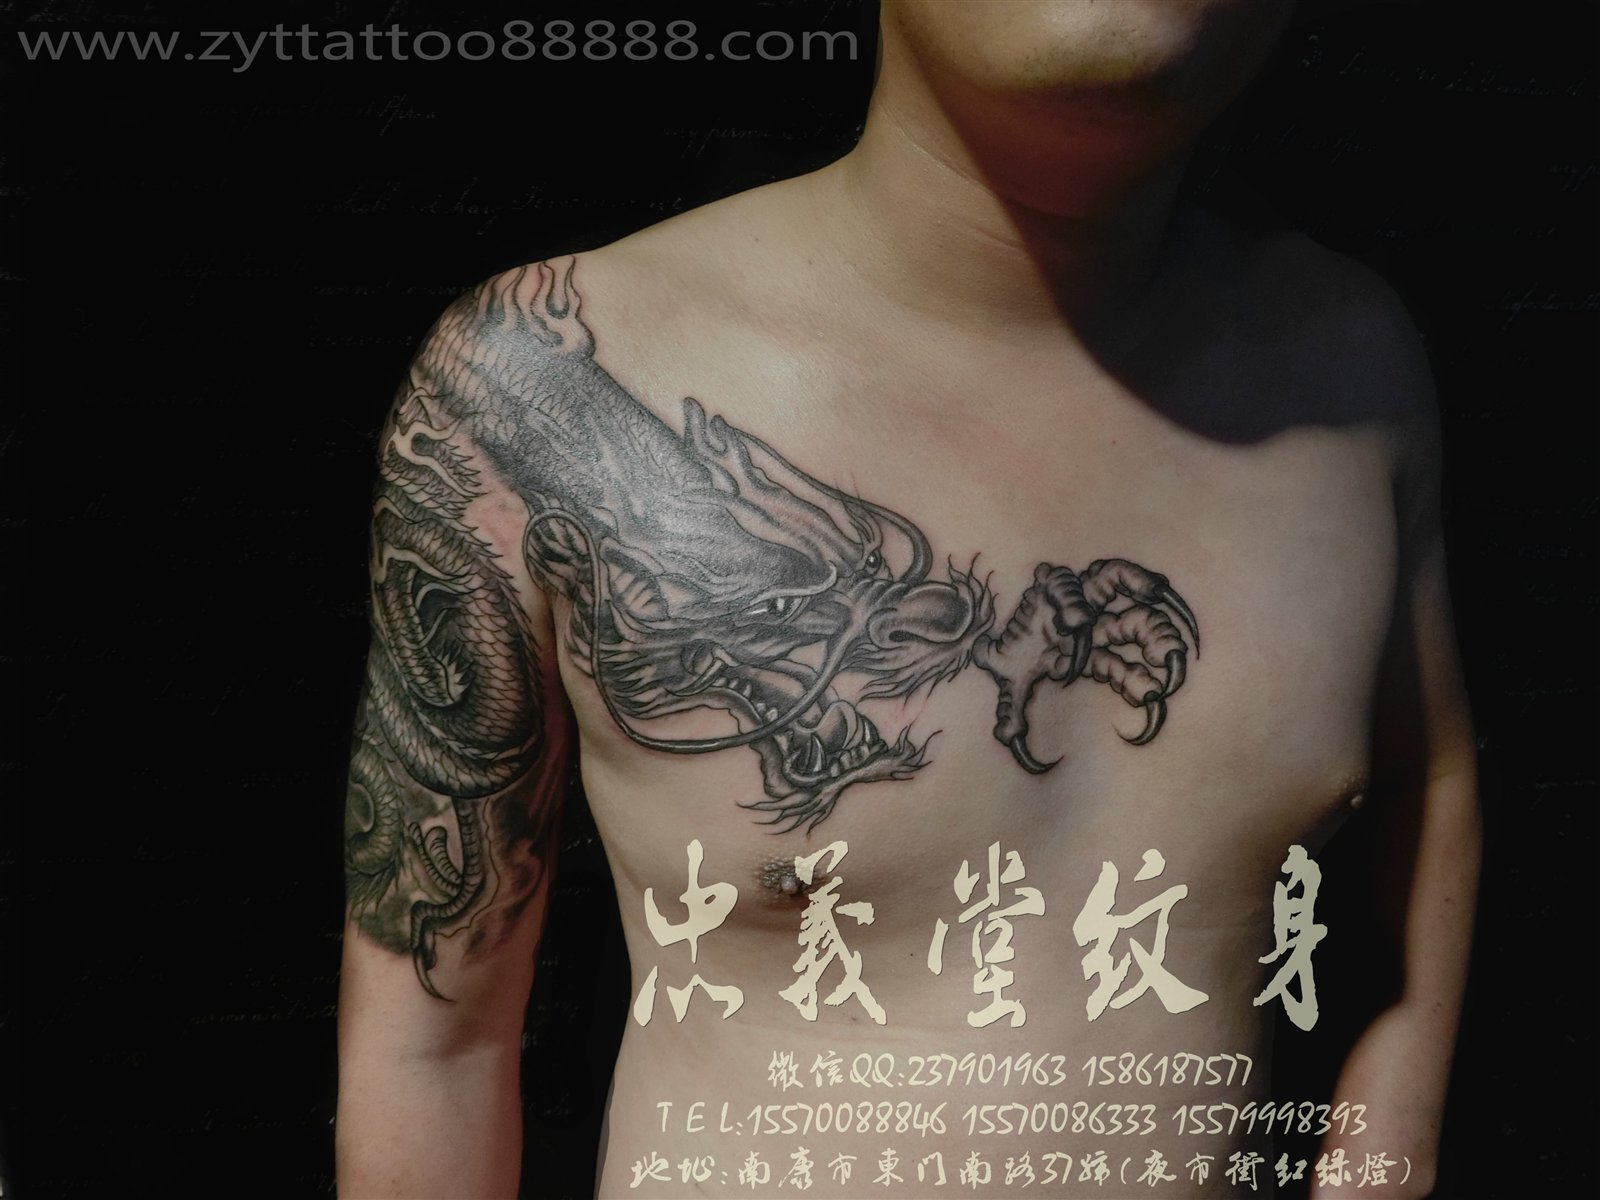 南康忠义堂专业纹身机构